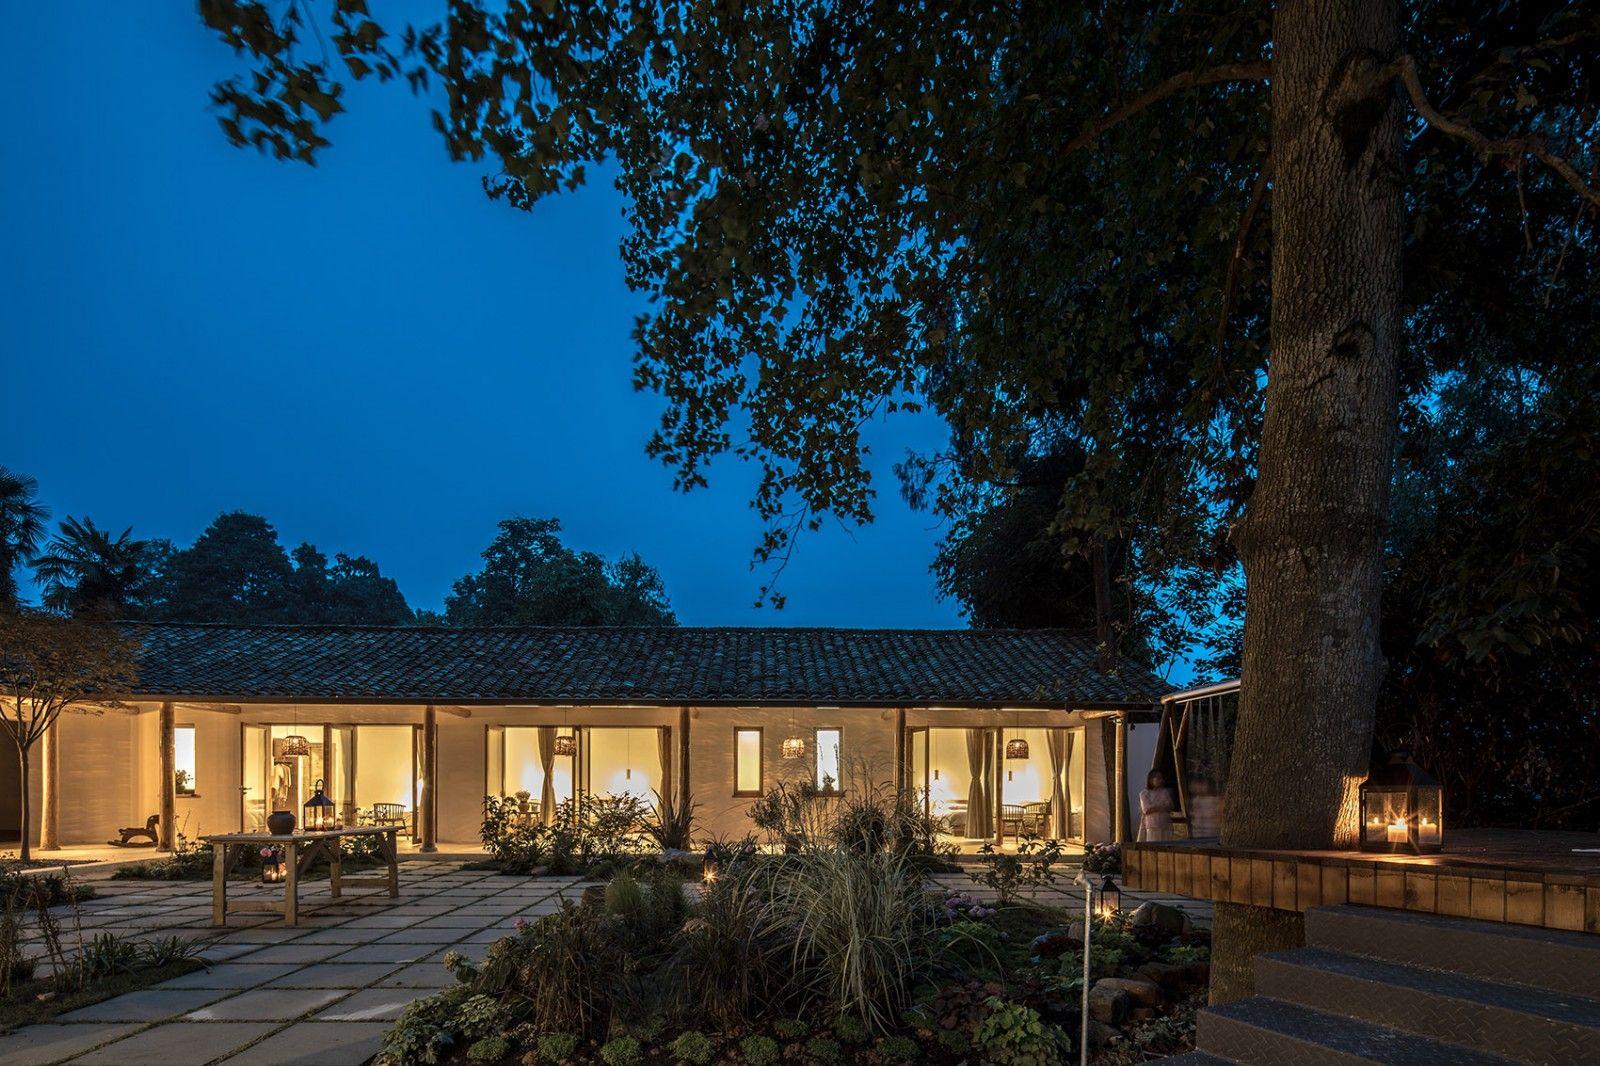 记忆里的悠悠茶香·四川-小茶院 | 使然设计|使然设计 - 5